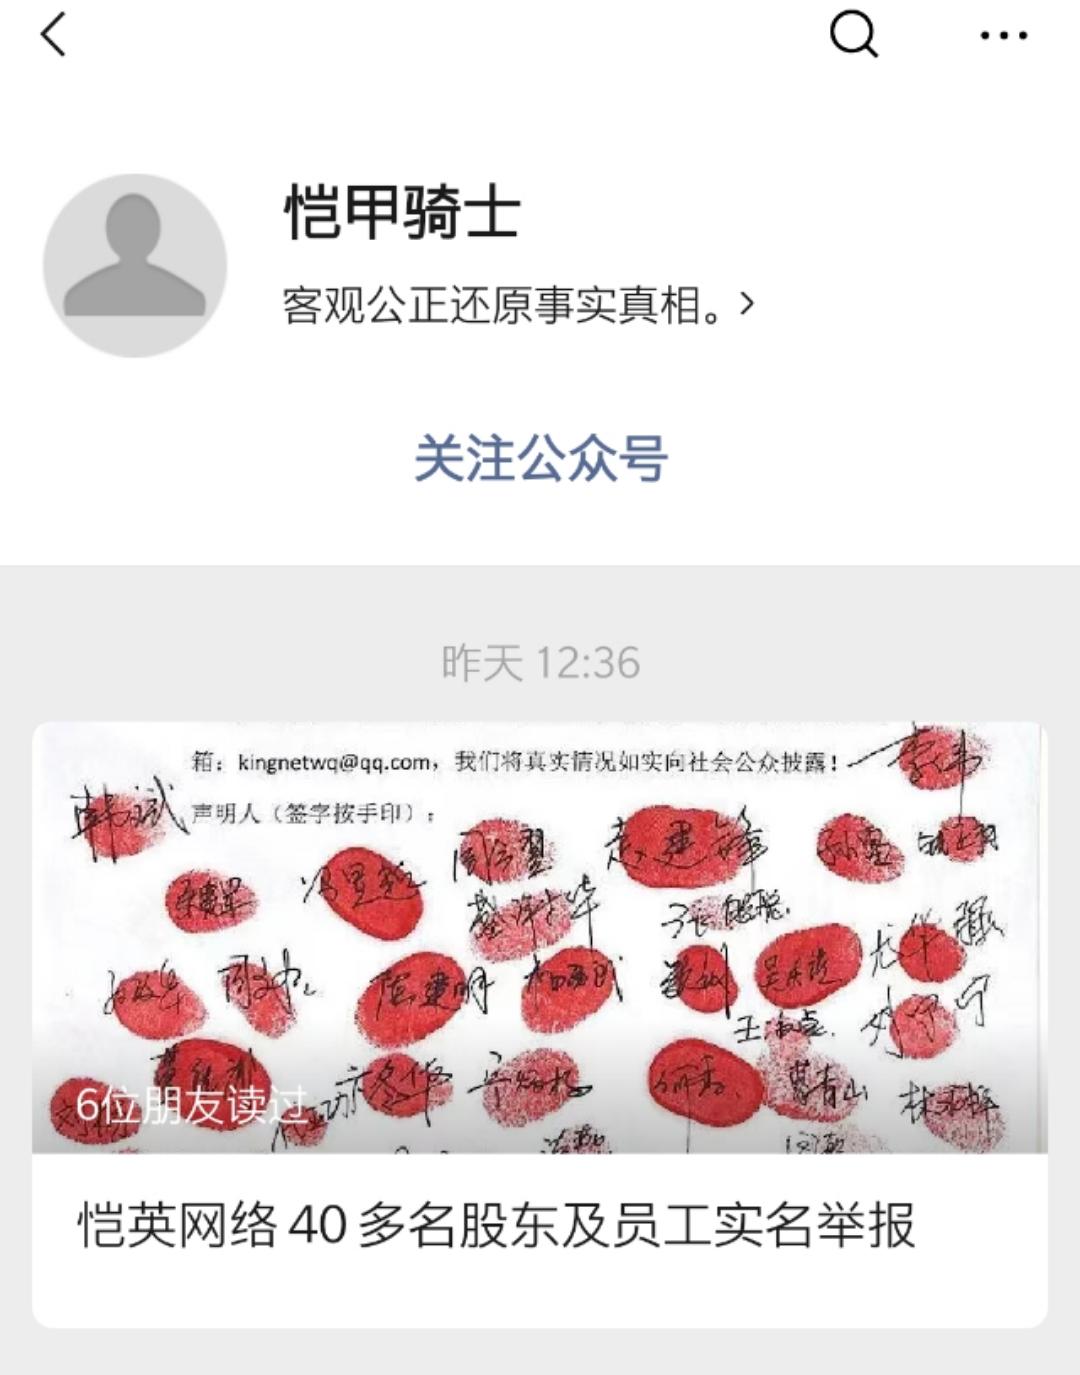 恺英网络乱象不断:40名股东实名举报 大股东被逮捕